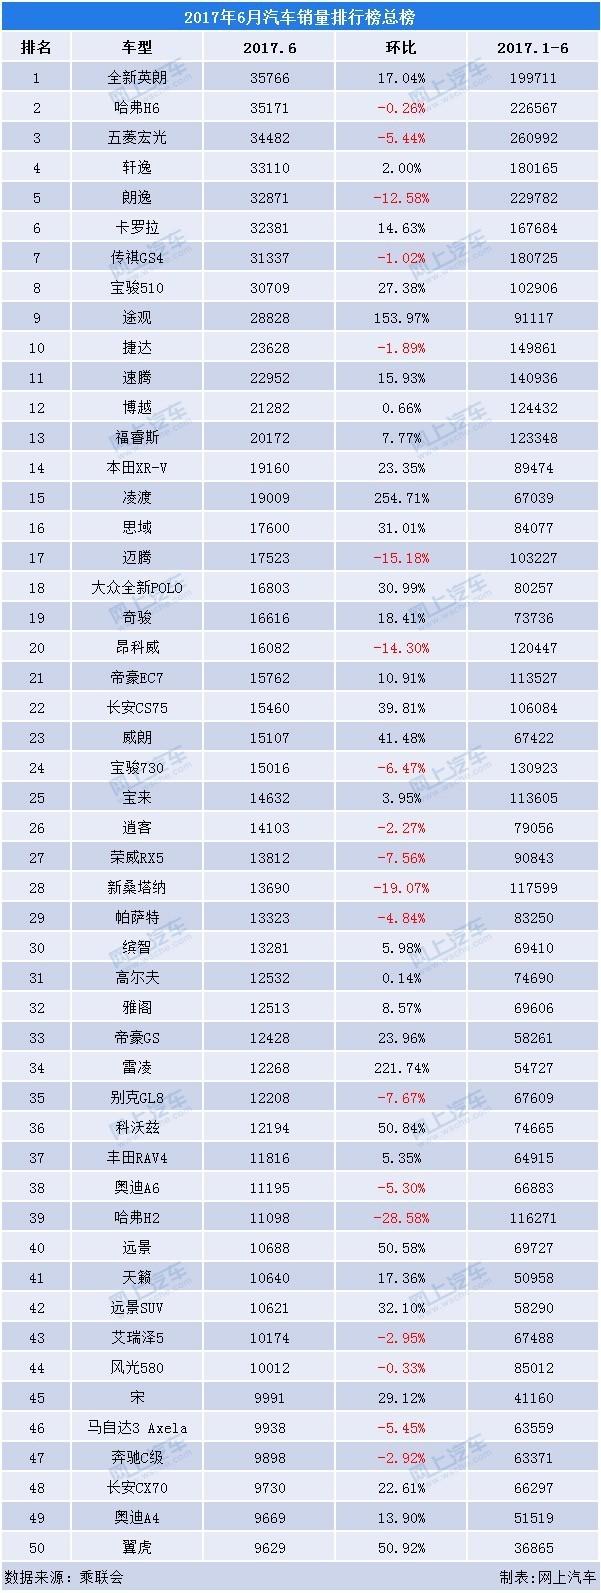 小型车销售排行榜_2017年6月汽车销量排行榜,哈弗h6被反超排第二!